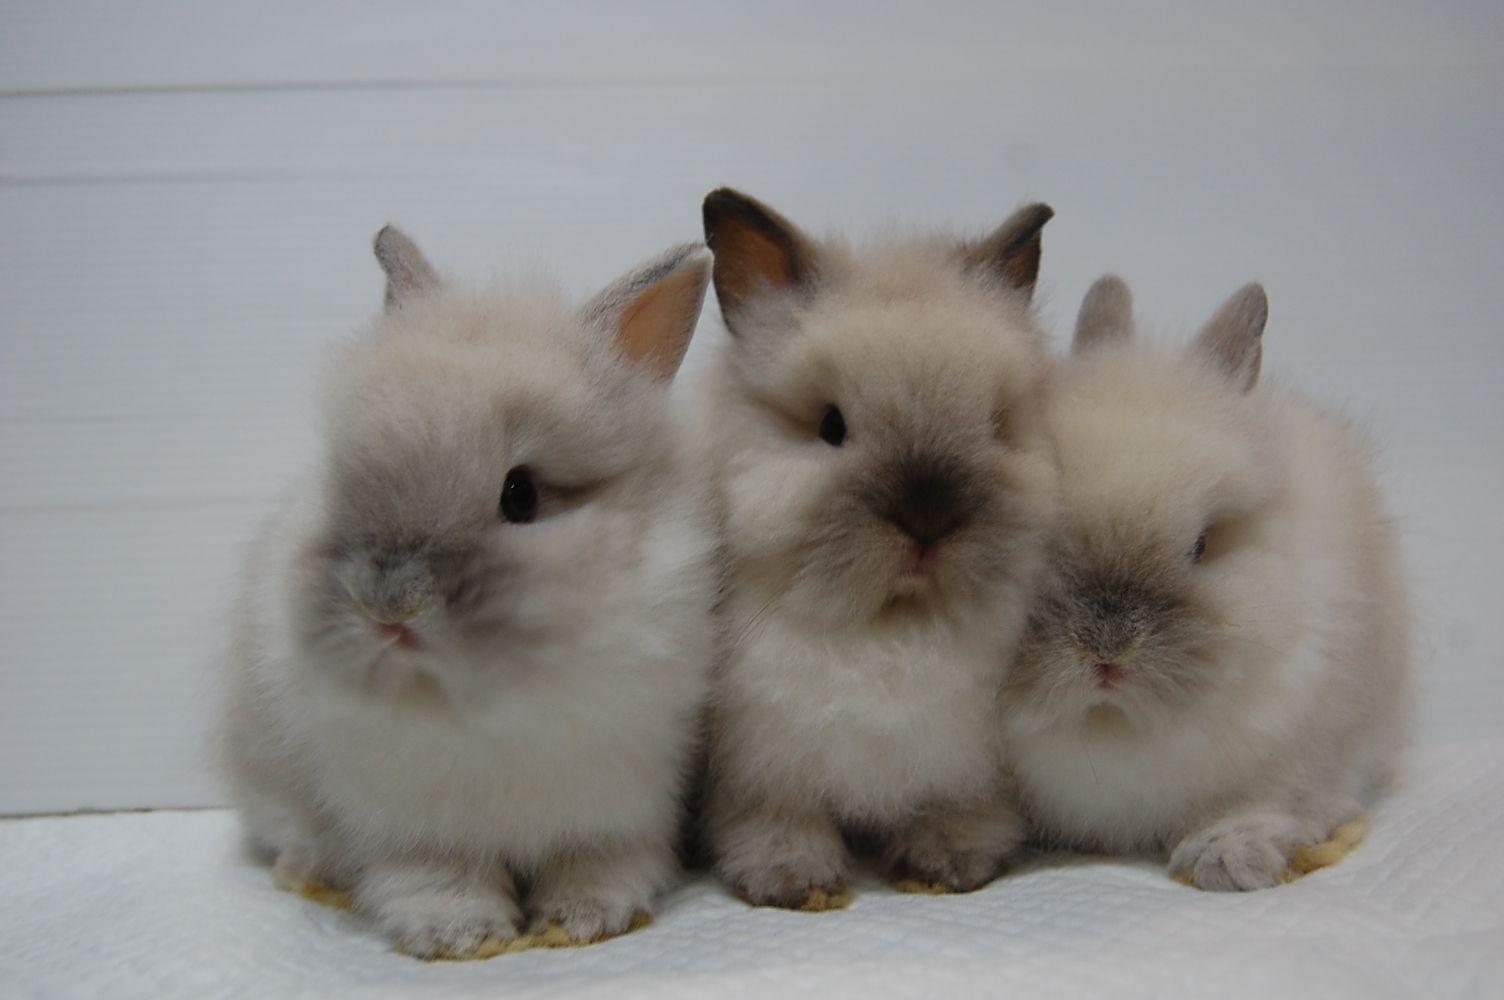 Rabbits ラビッツ うさぎブリーダー専門店 大阪府吹田 ミニウサギ うさぎ かわいいウサギ